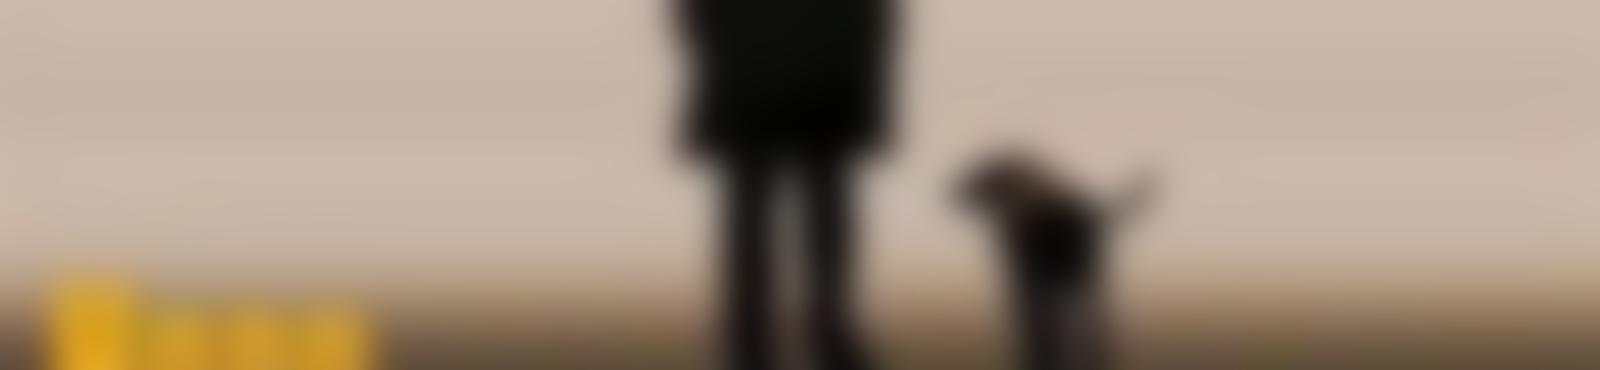 Blurred 365dfee2 aa88 47f8 96ae b2e2b6c8d2e9